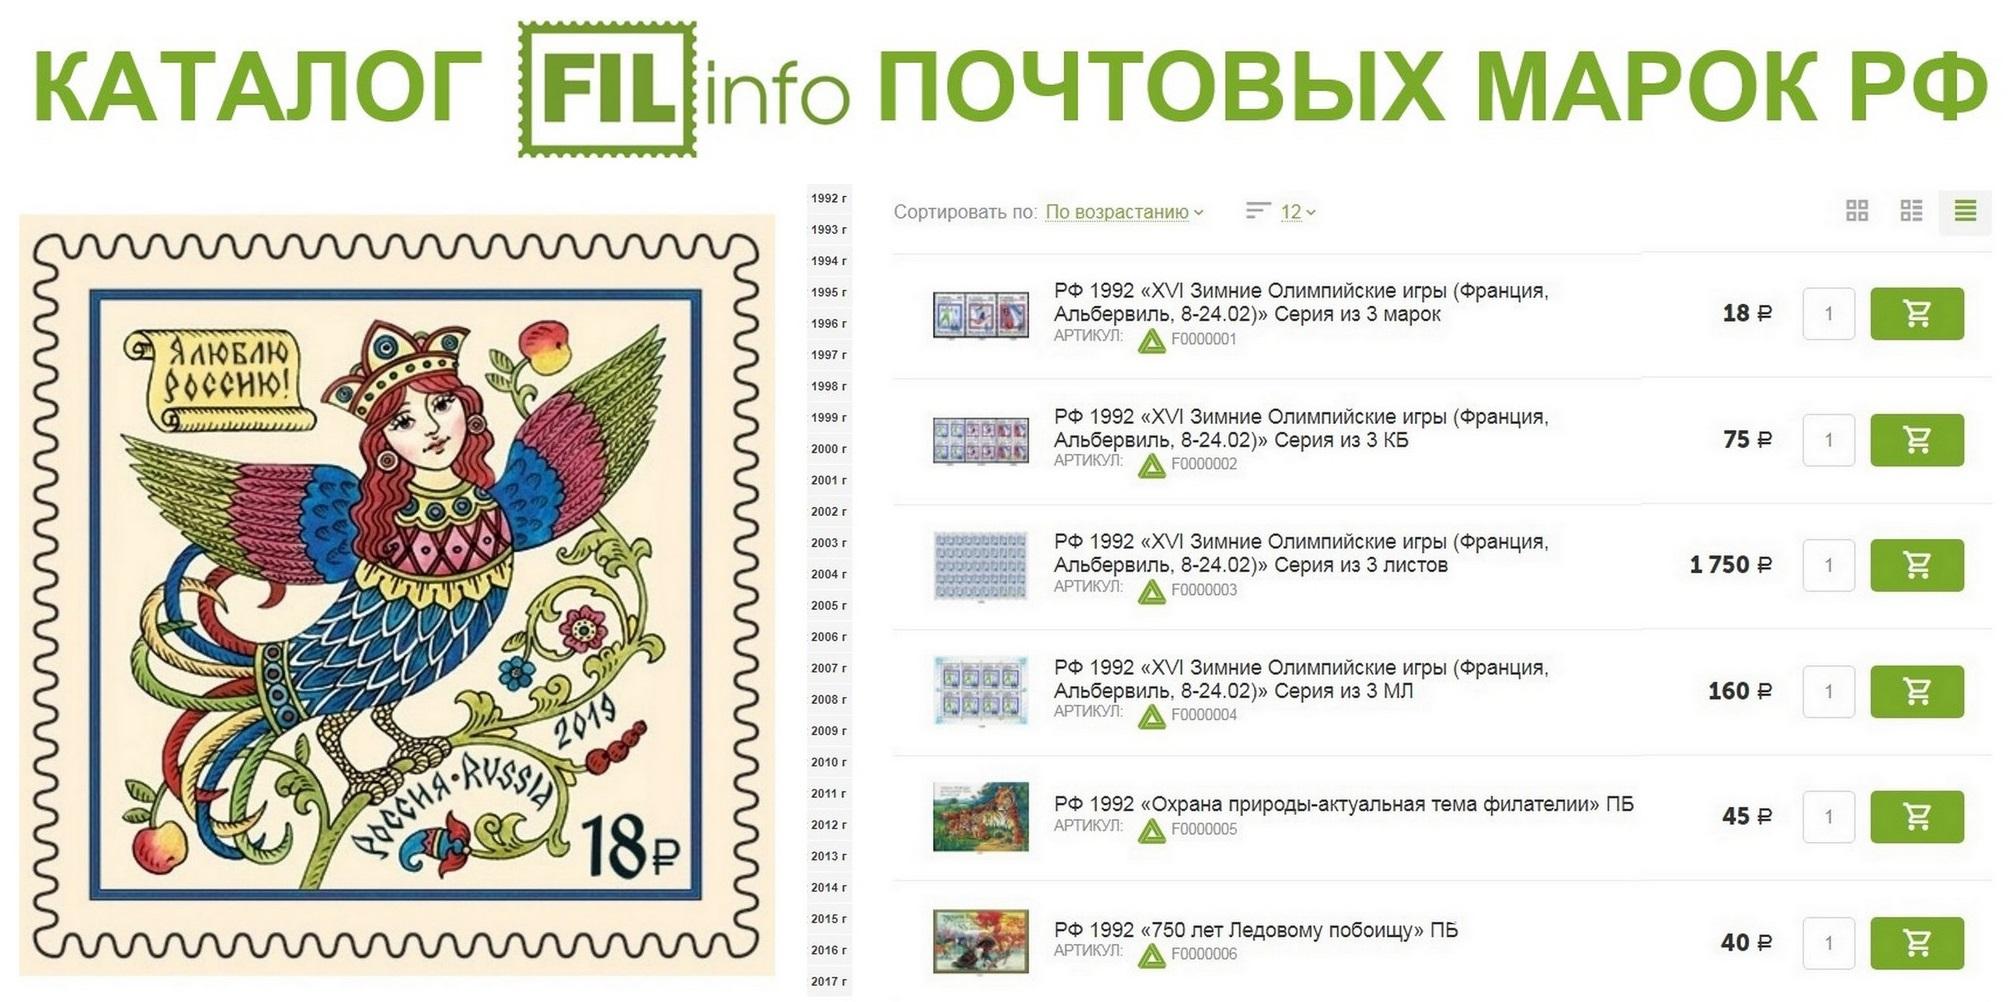 Представляем онлайн-КАТАЛОГ почтовых марок РФ